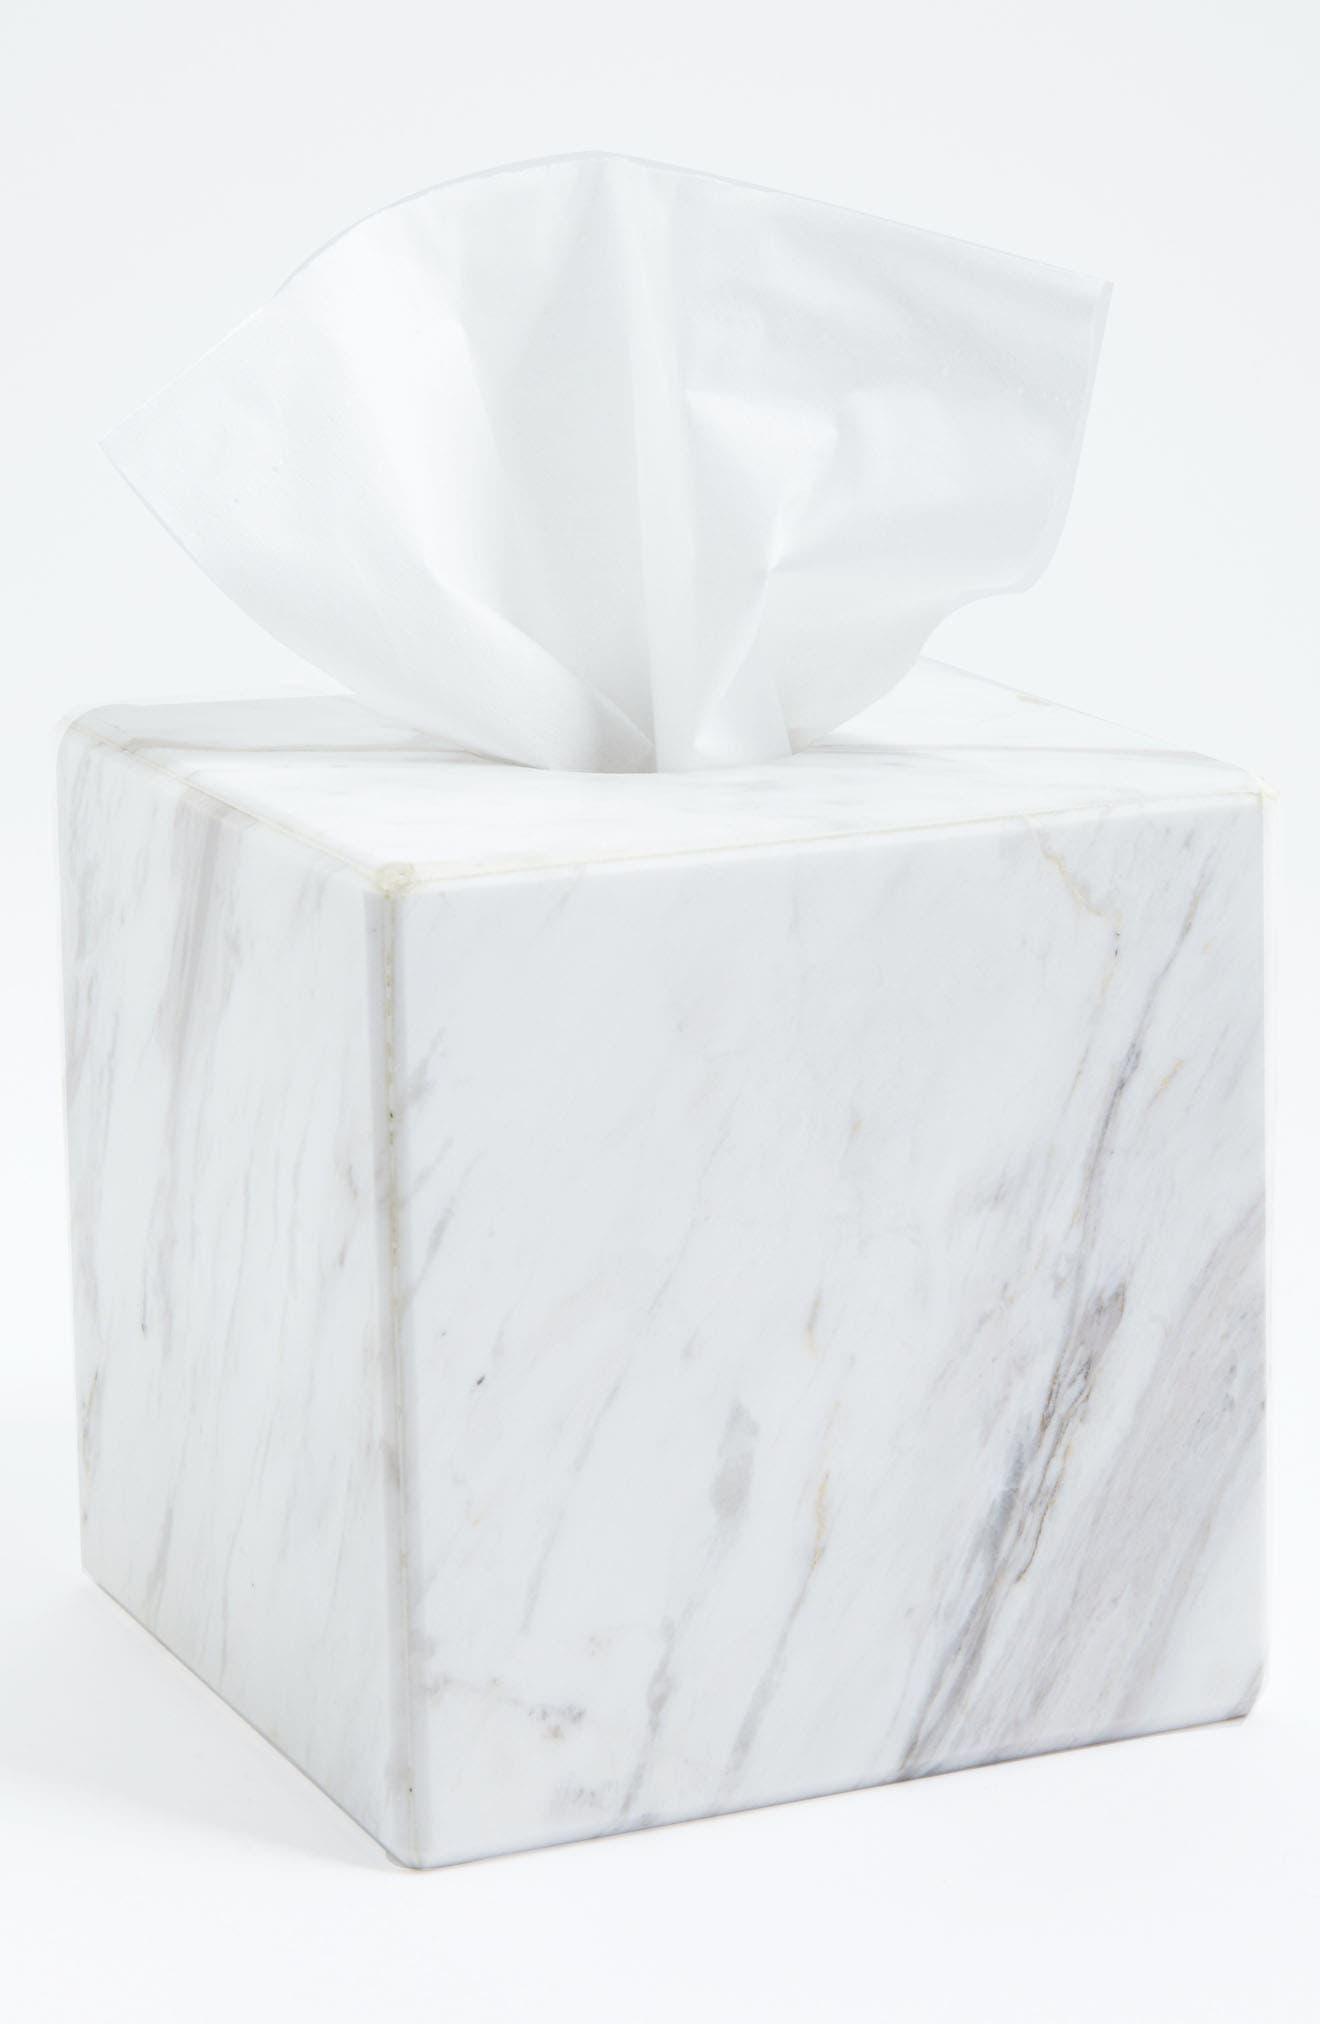 Studio 'Luna' White Marble Tissue Cover,                         Main,                         color, White